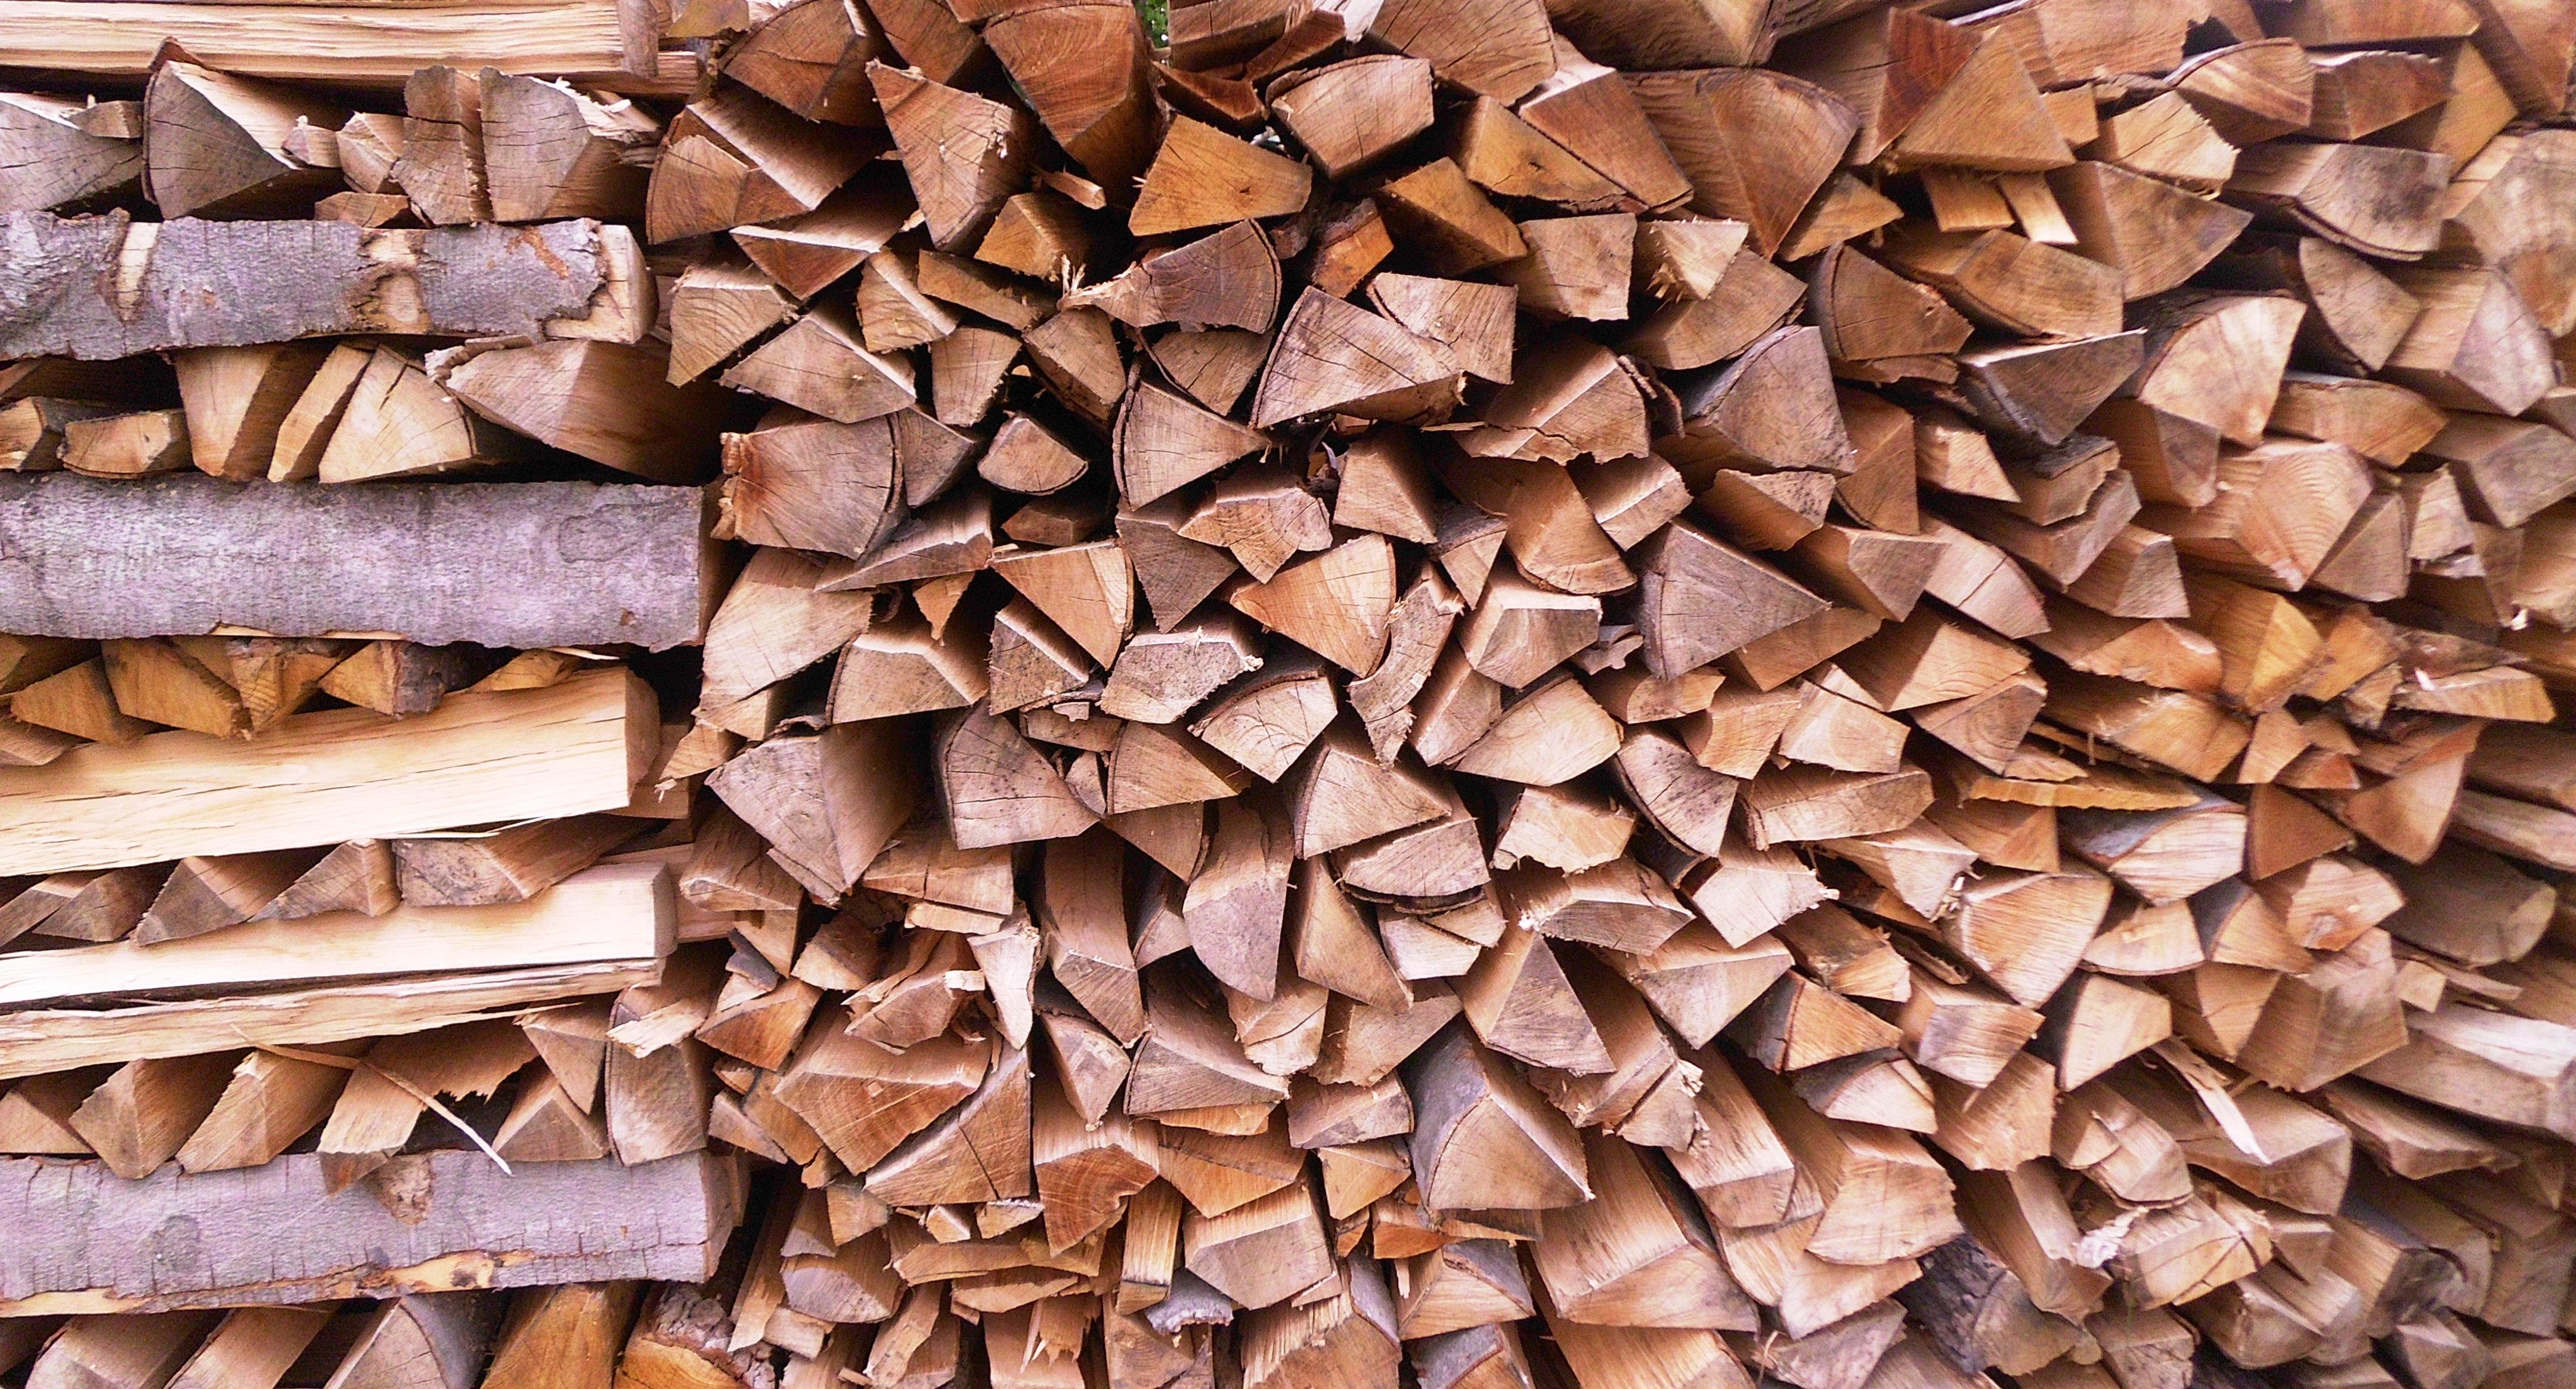 Holz_gespalten